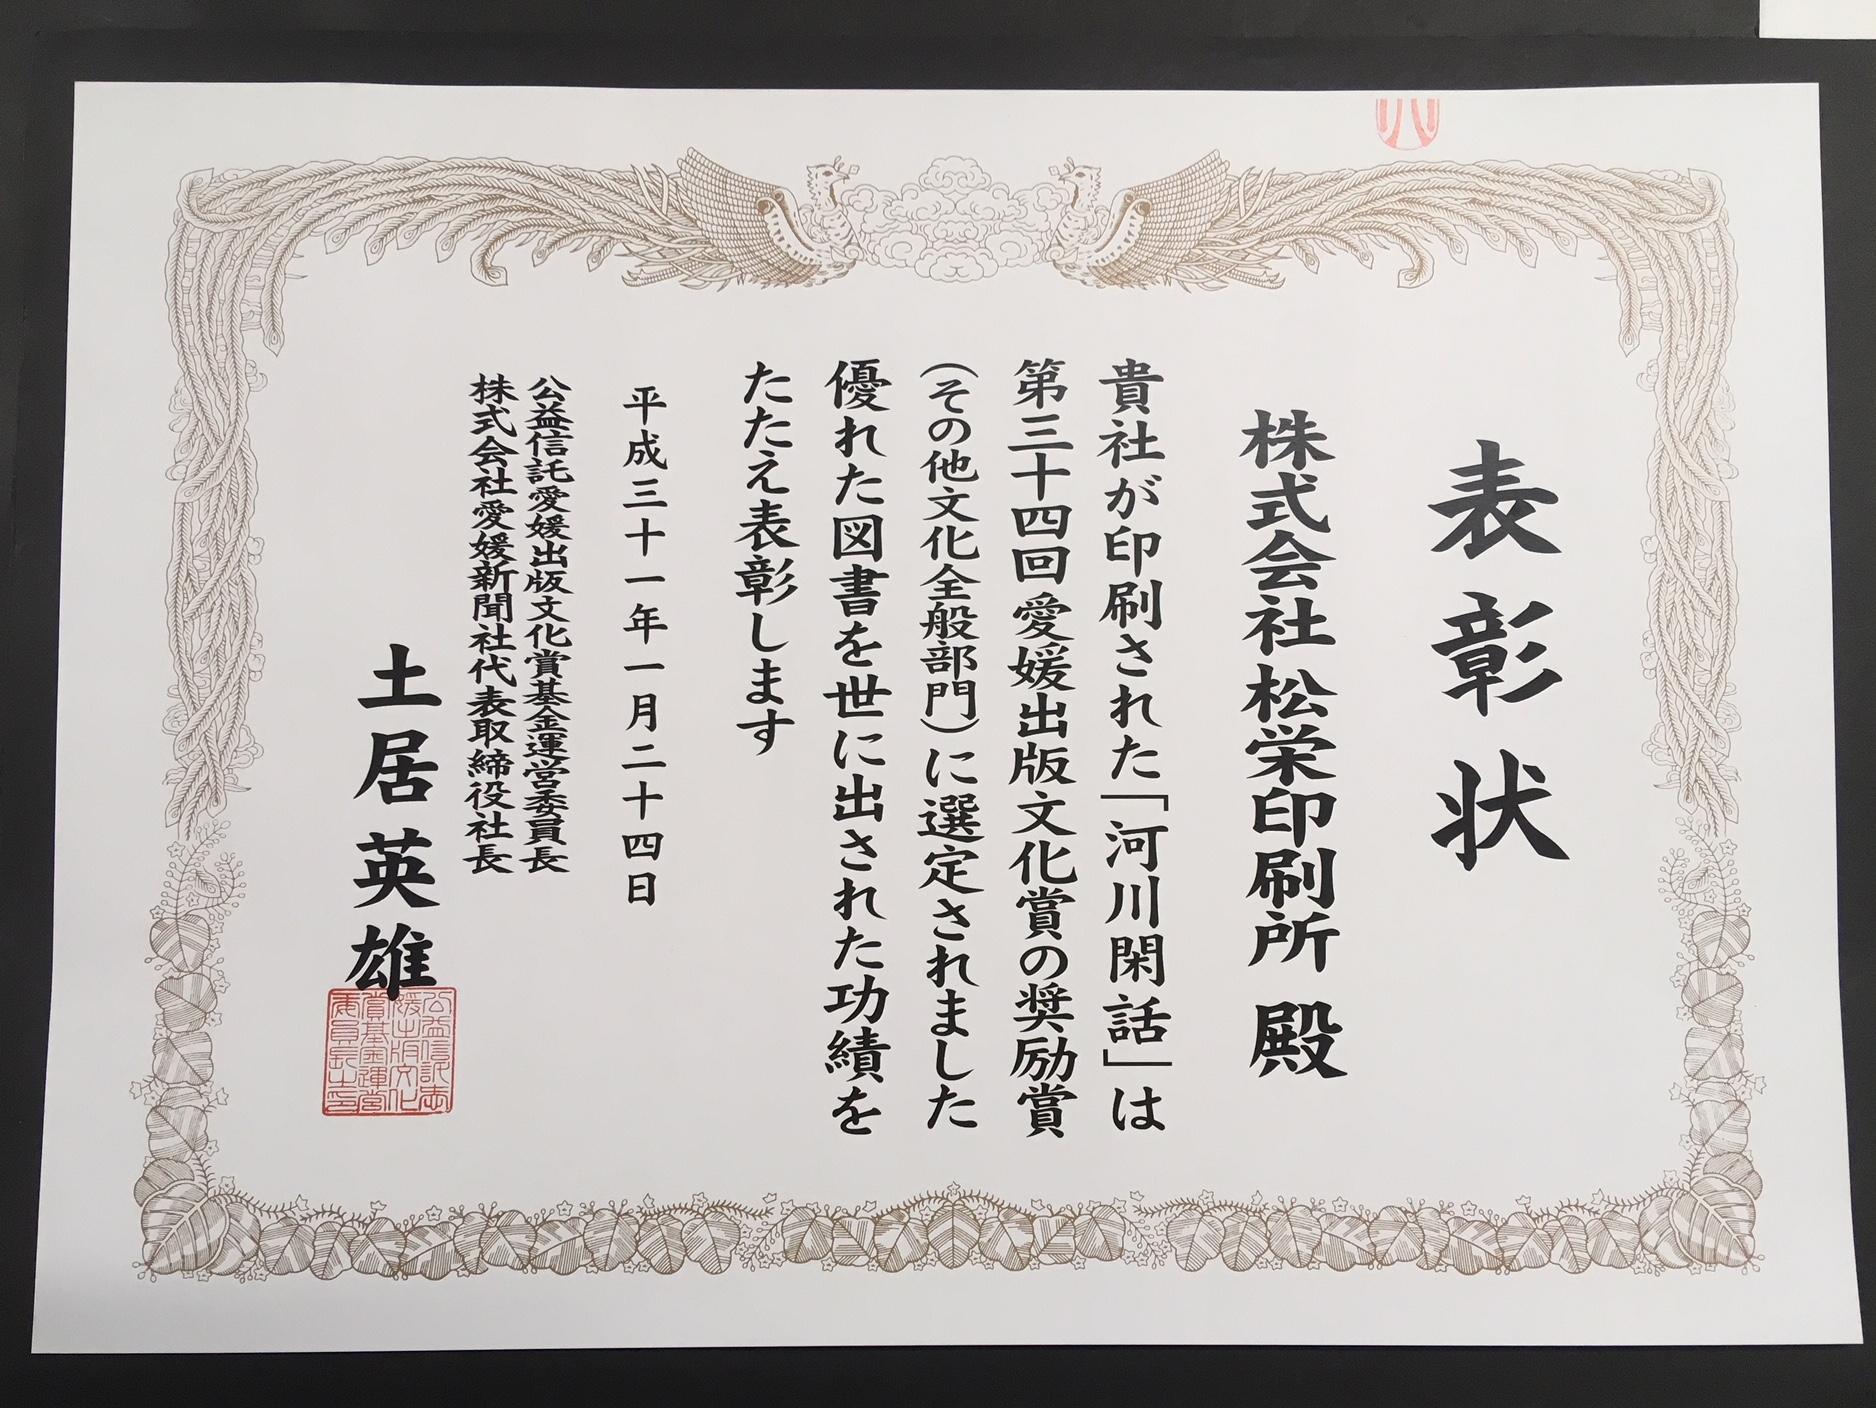 第34回愛媛出版文化賞 印刷部門で奨励賞を受賞☆